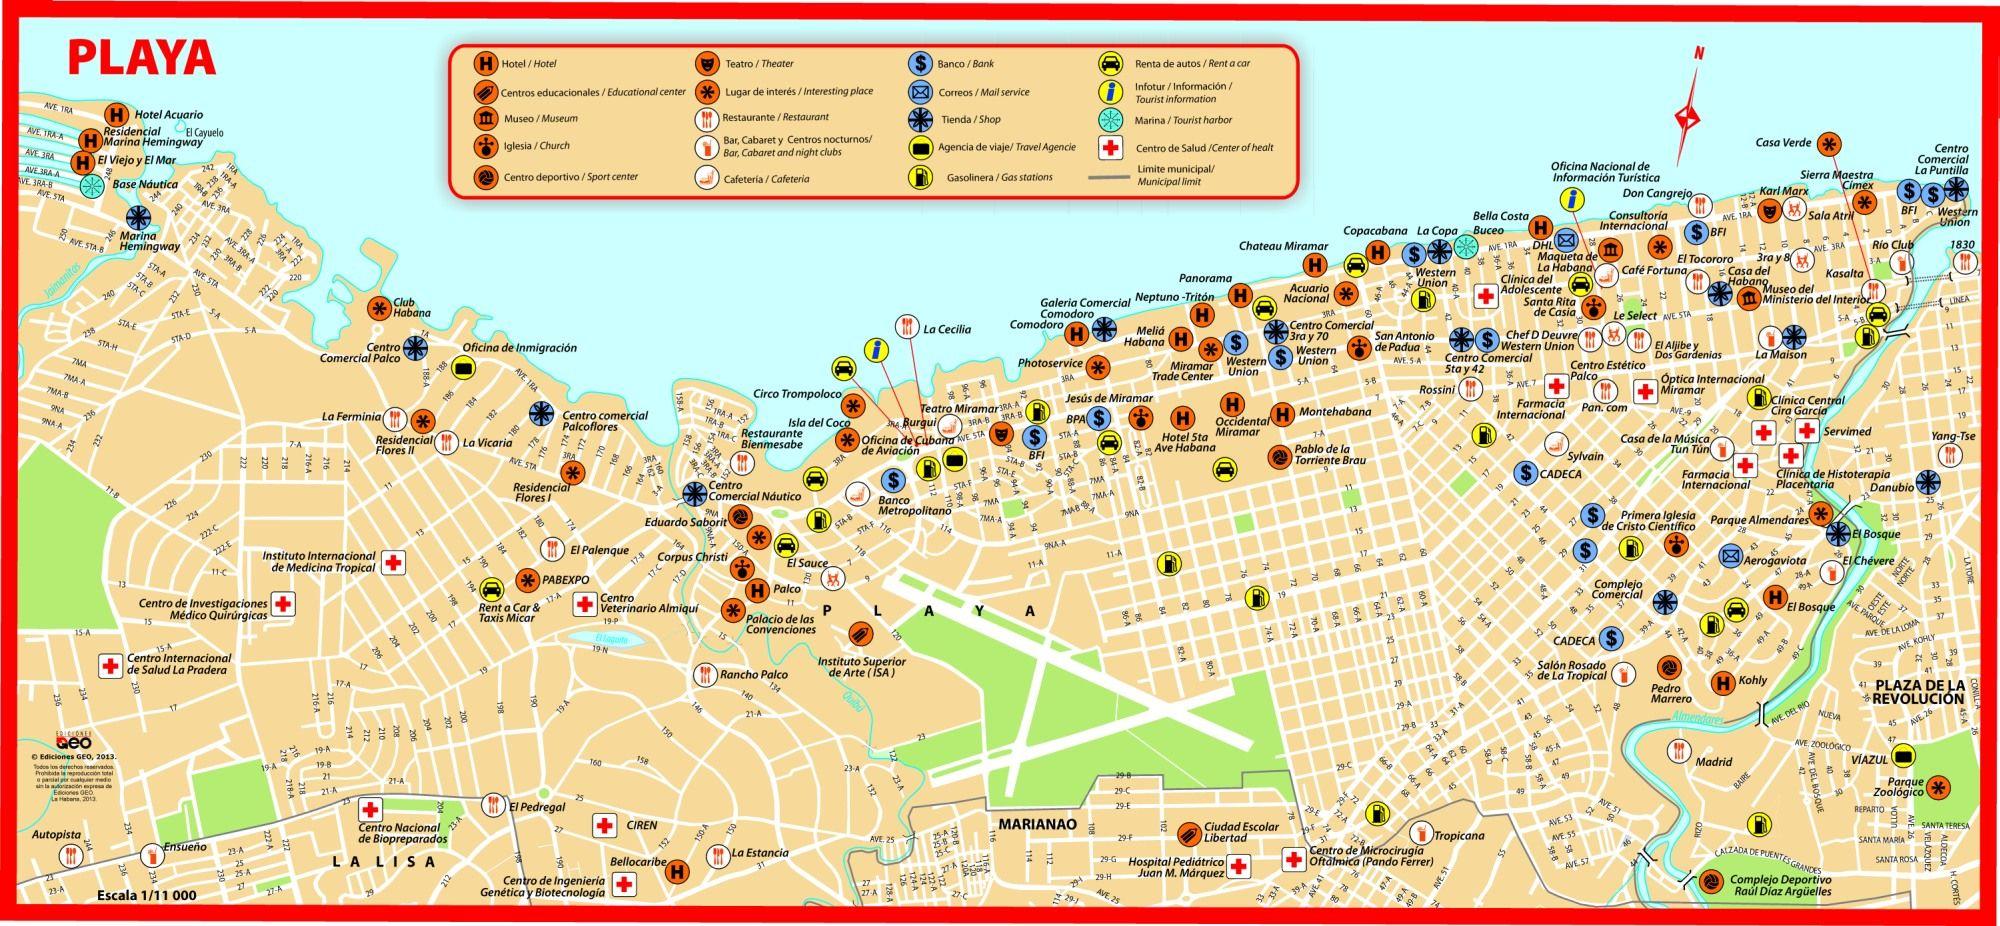 Plano de Playa La Habana 2011 CUBA Pinterest